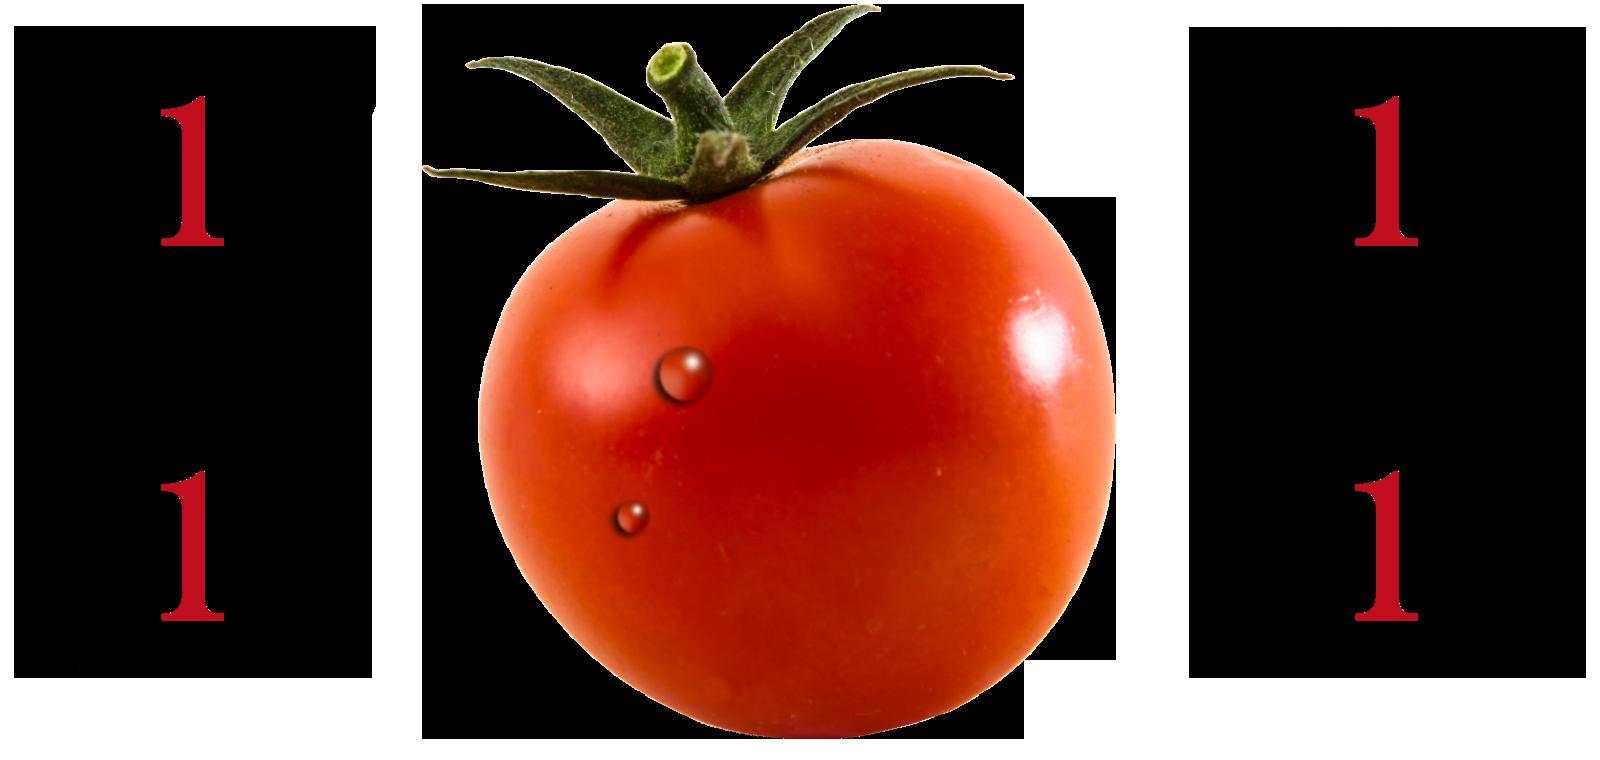 高糖度トマトについて